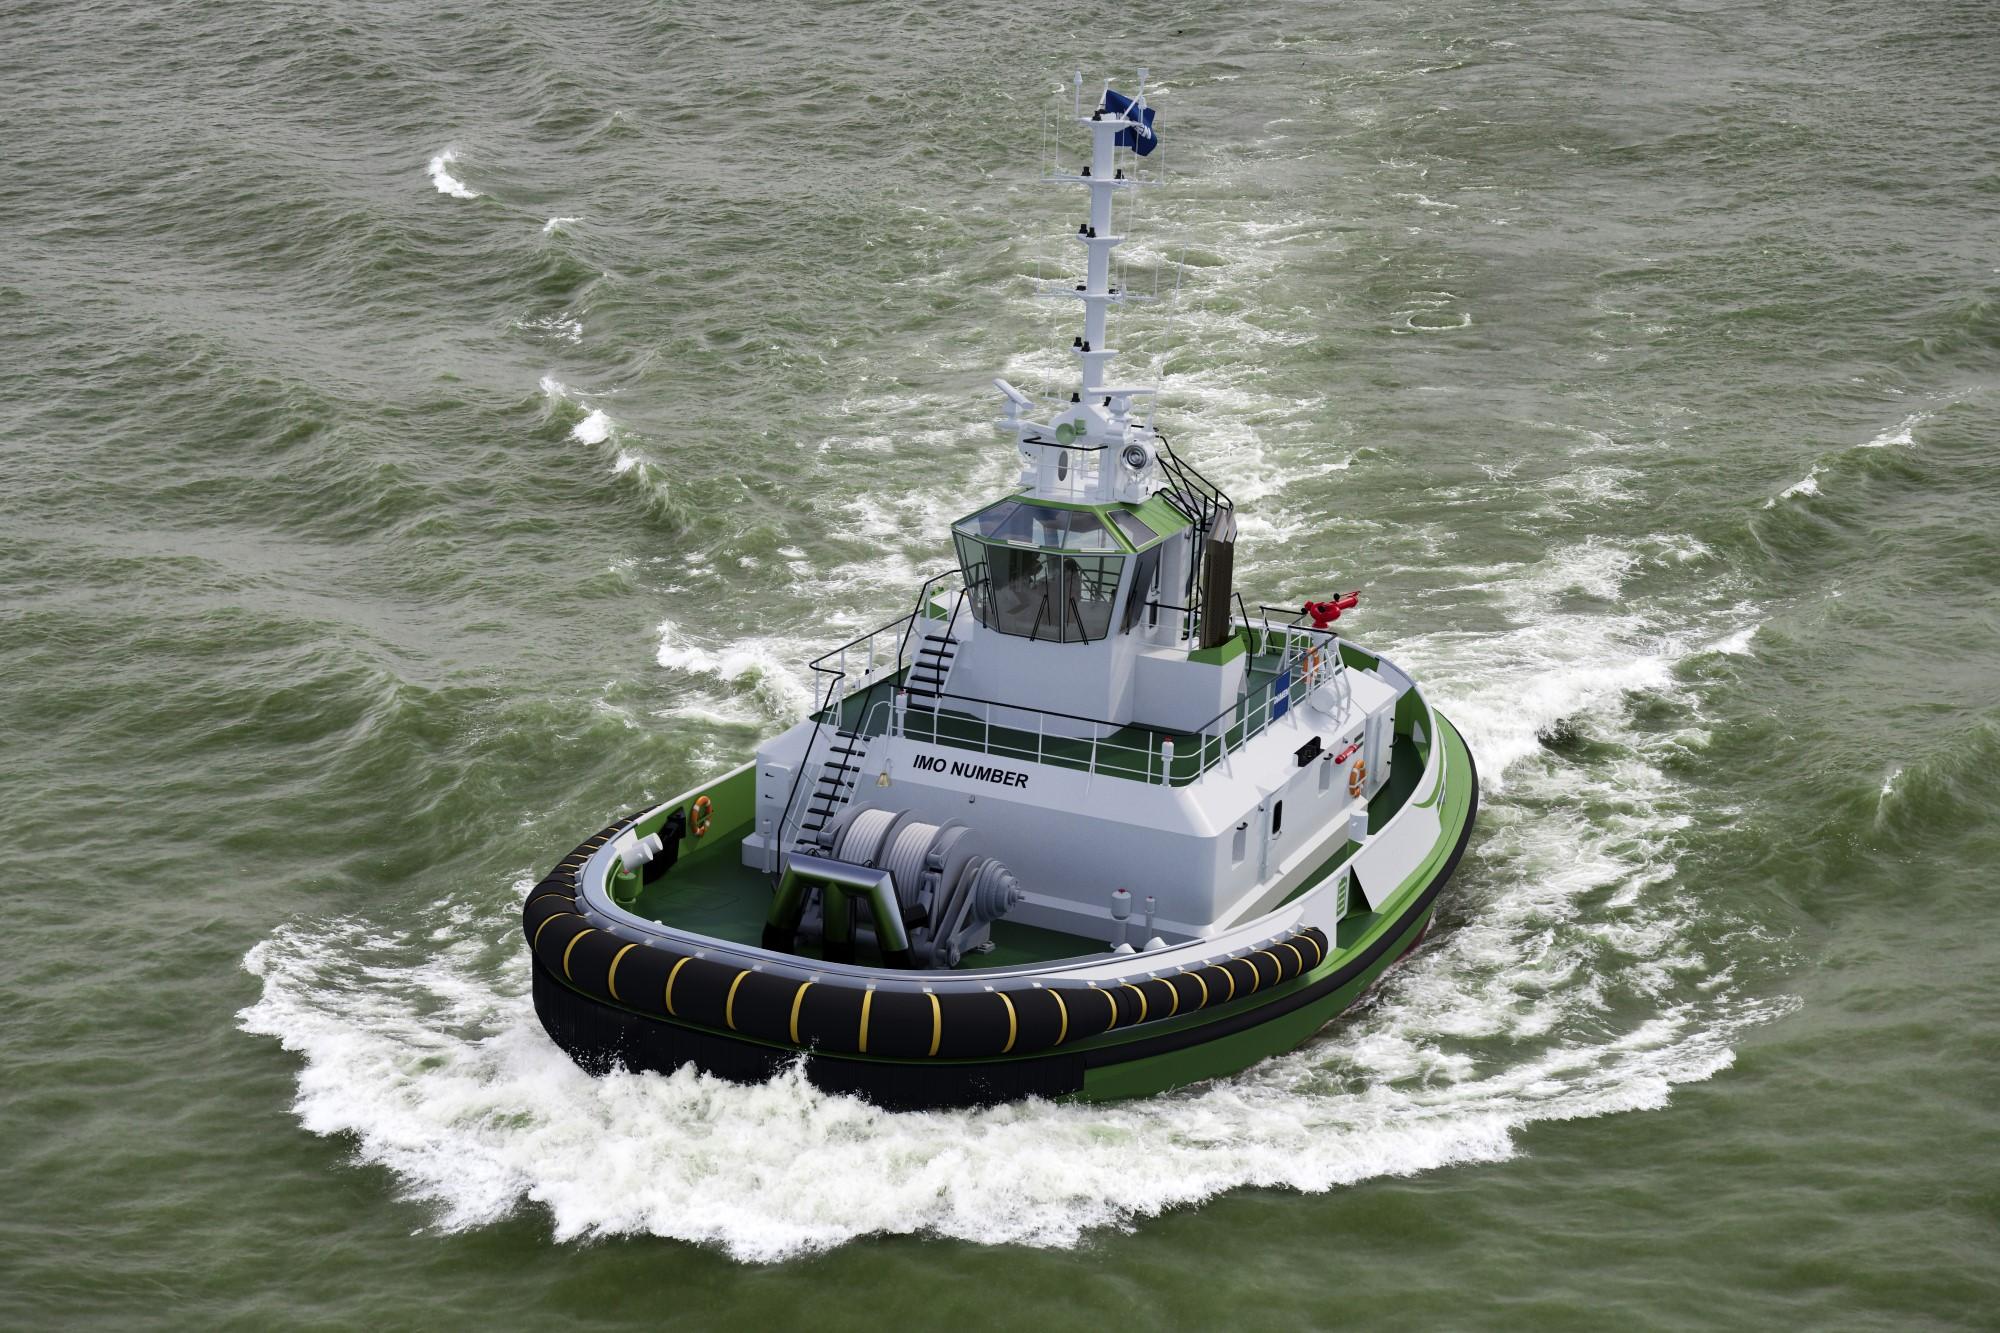 曳航力70トンの世界初の完全電動タグボート、「スパーキー」の完成イメージ